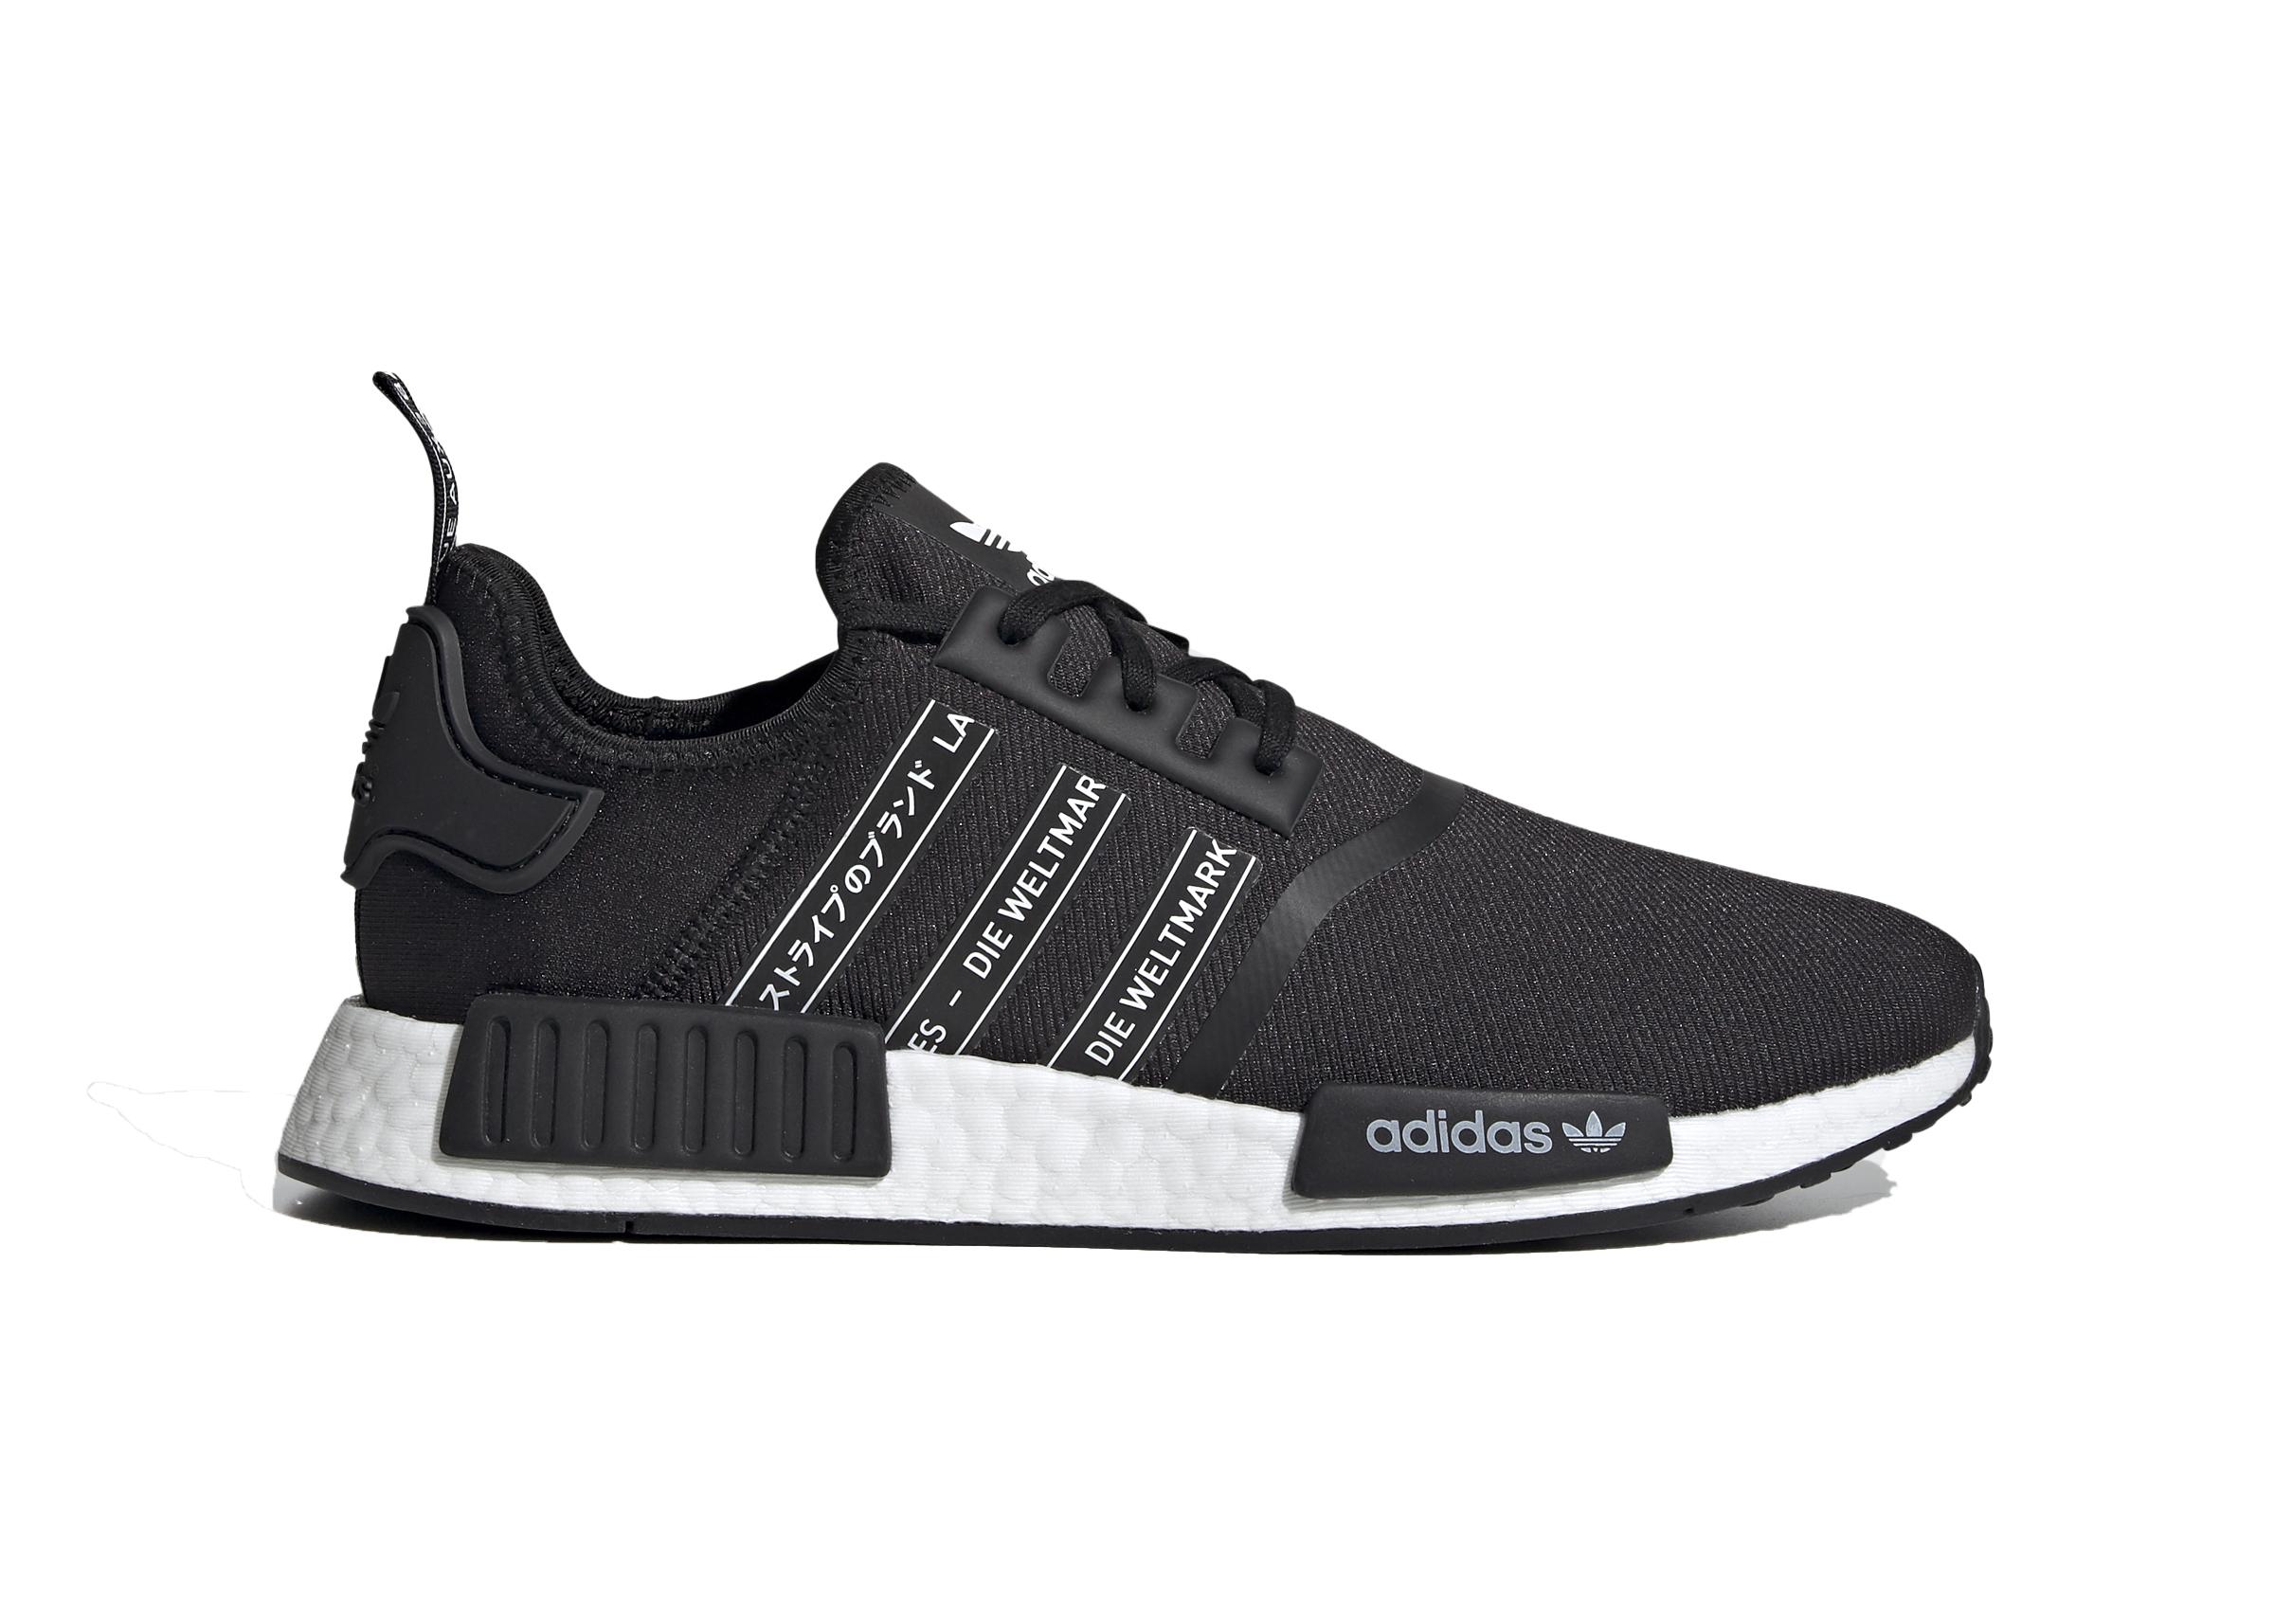 adidas nmd_r1 shoes black